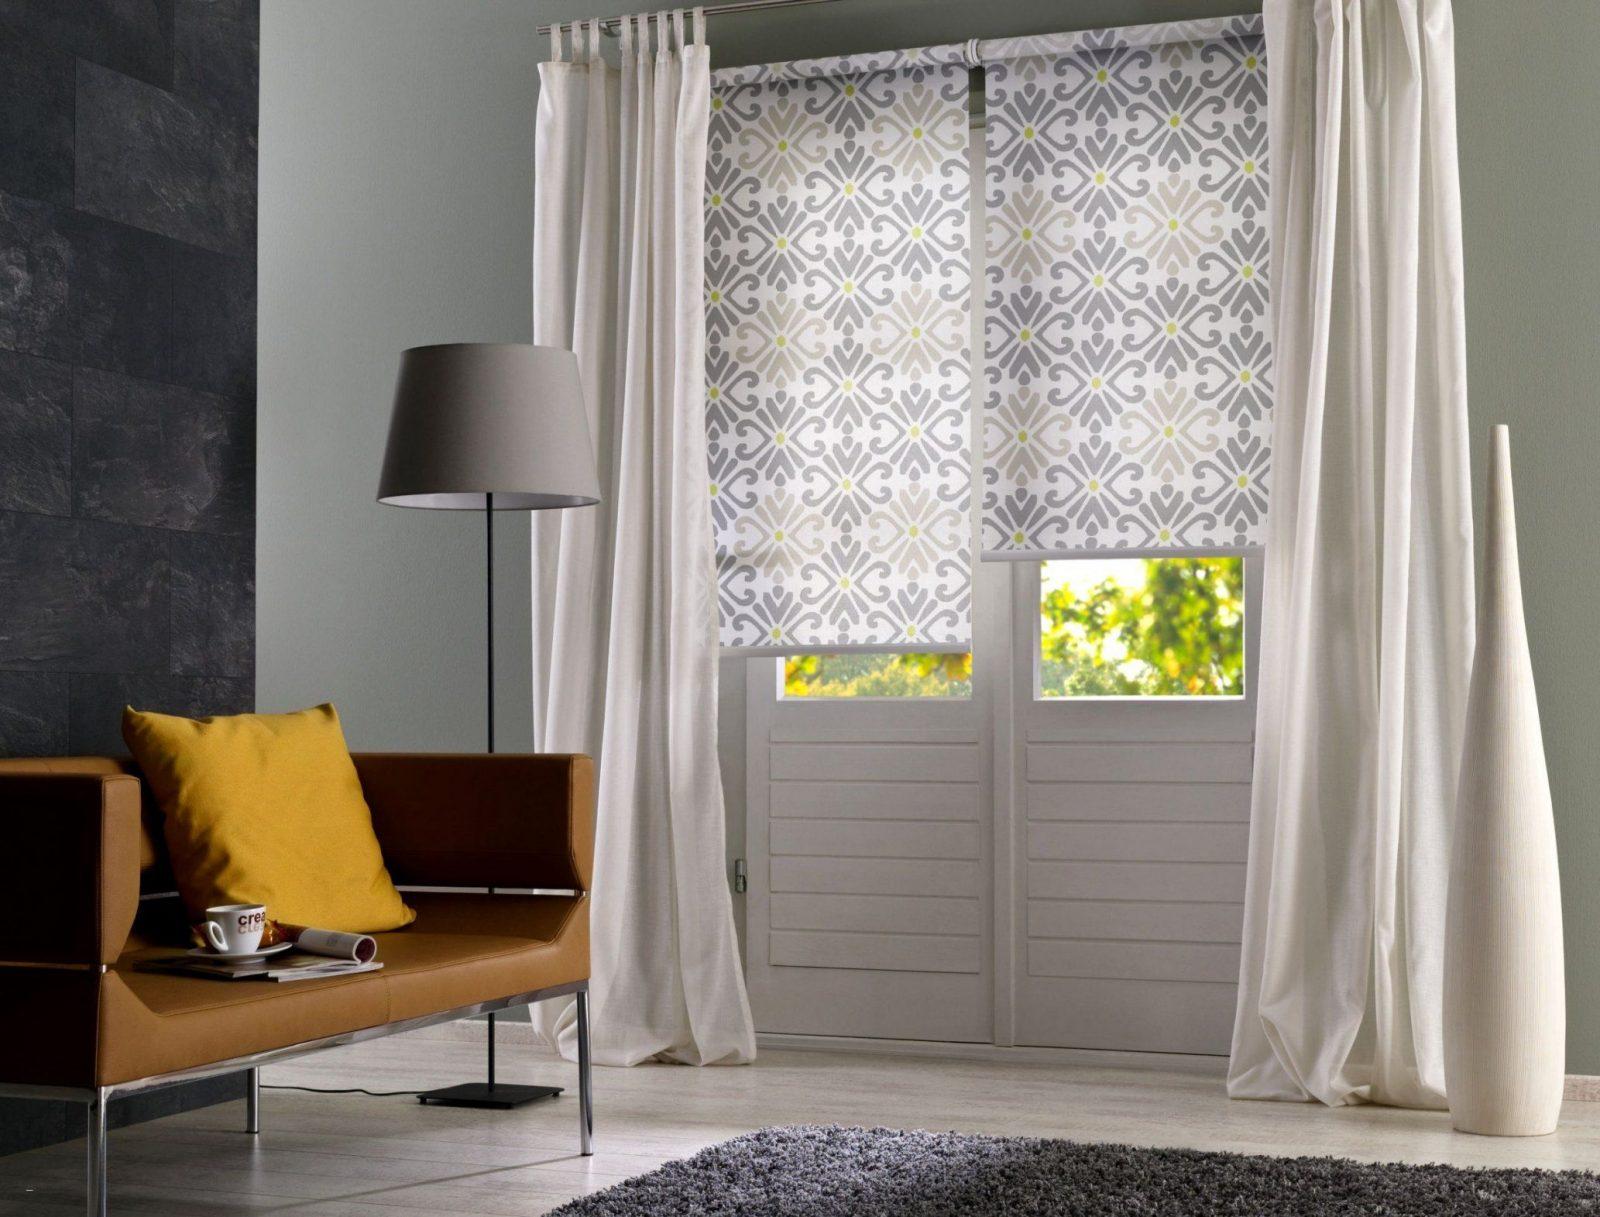 Badezimmer Fenster Vorhang Schön Beeindruckend Luxuriös Gardinen von Gardinen Und Rollos Ideen Bild